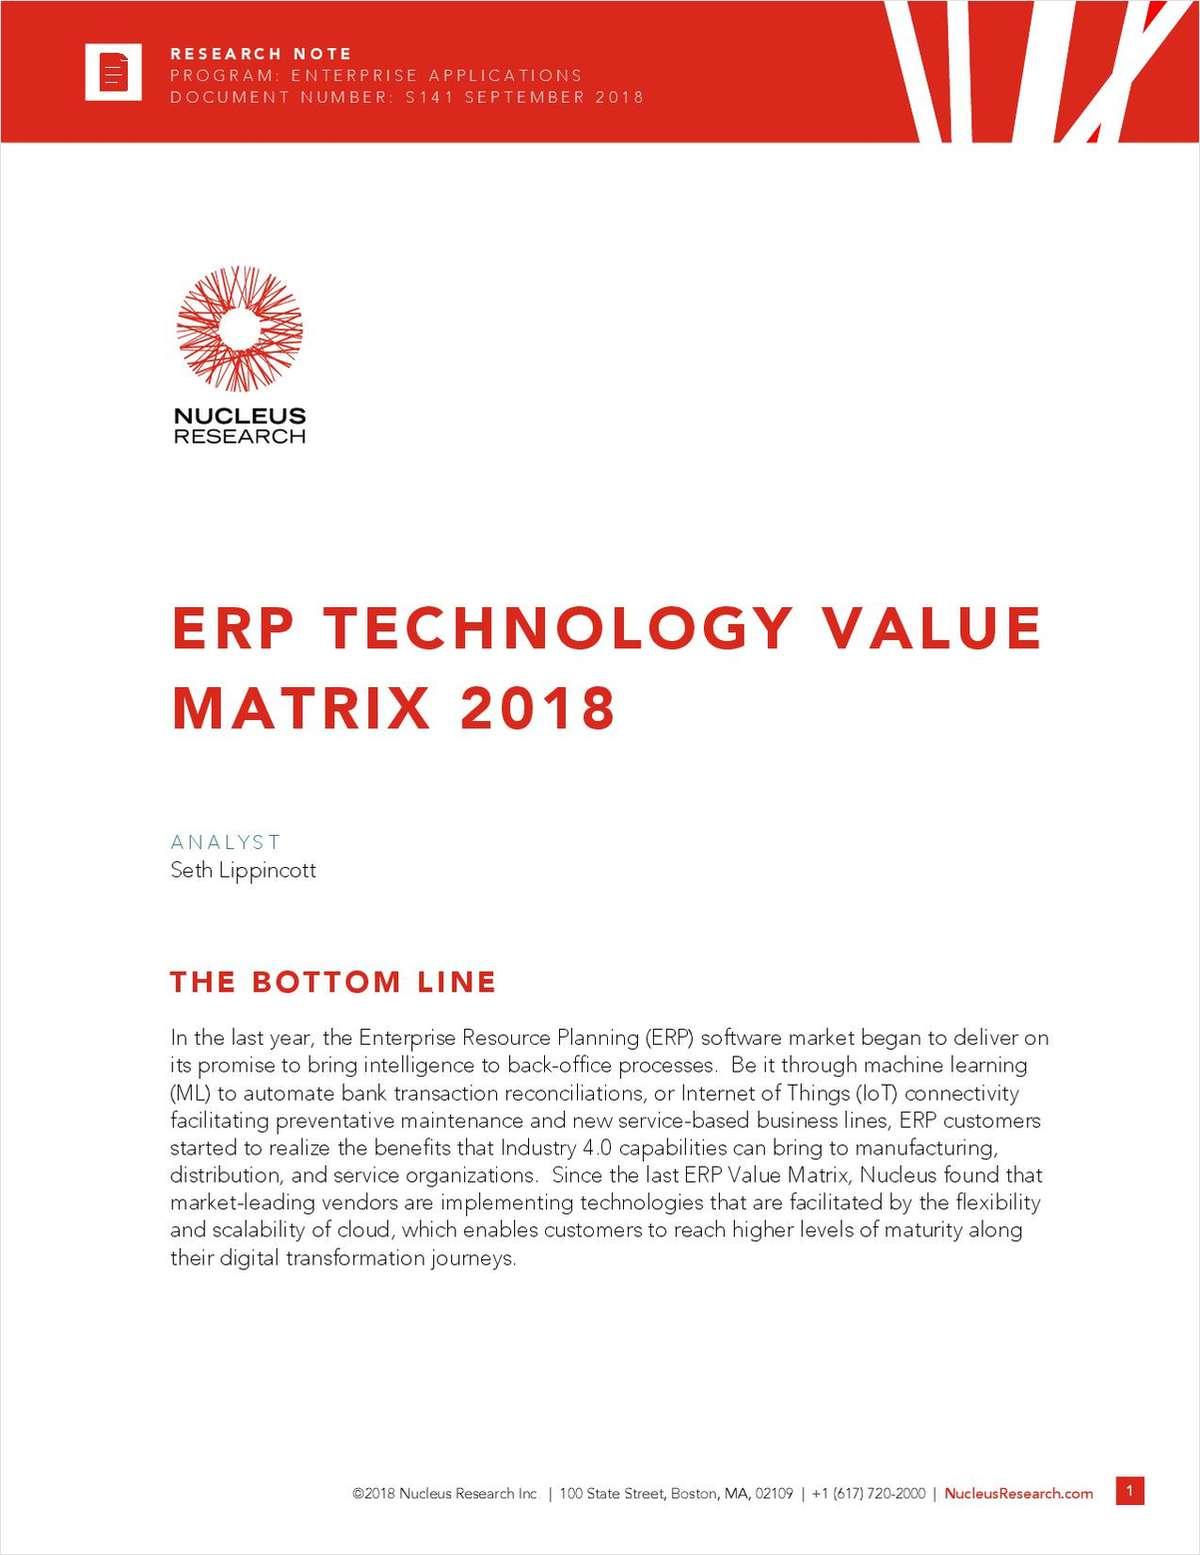 Nucleus Research's 2018 ERP Value Matrix